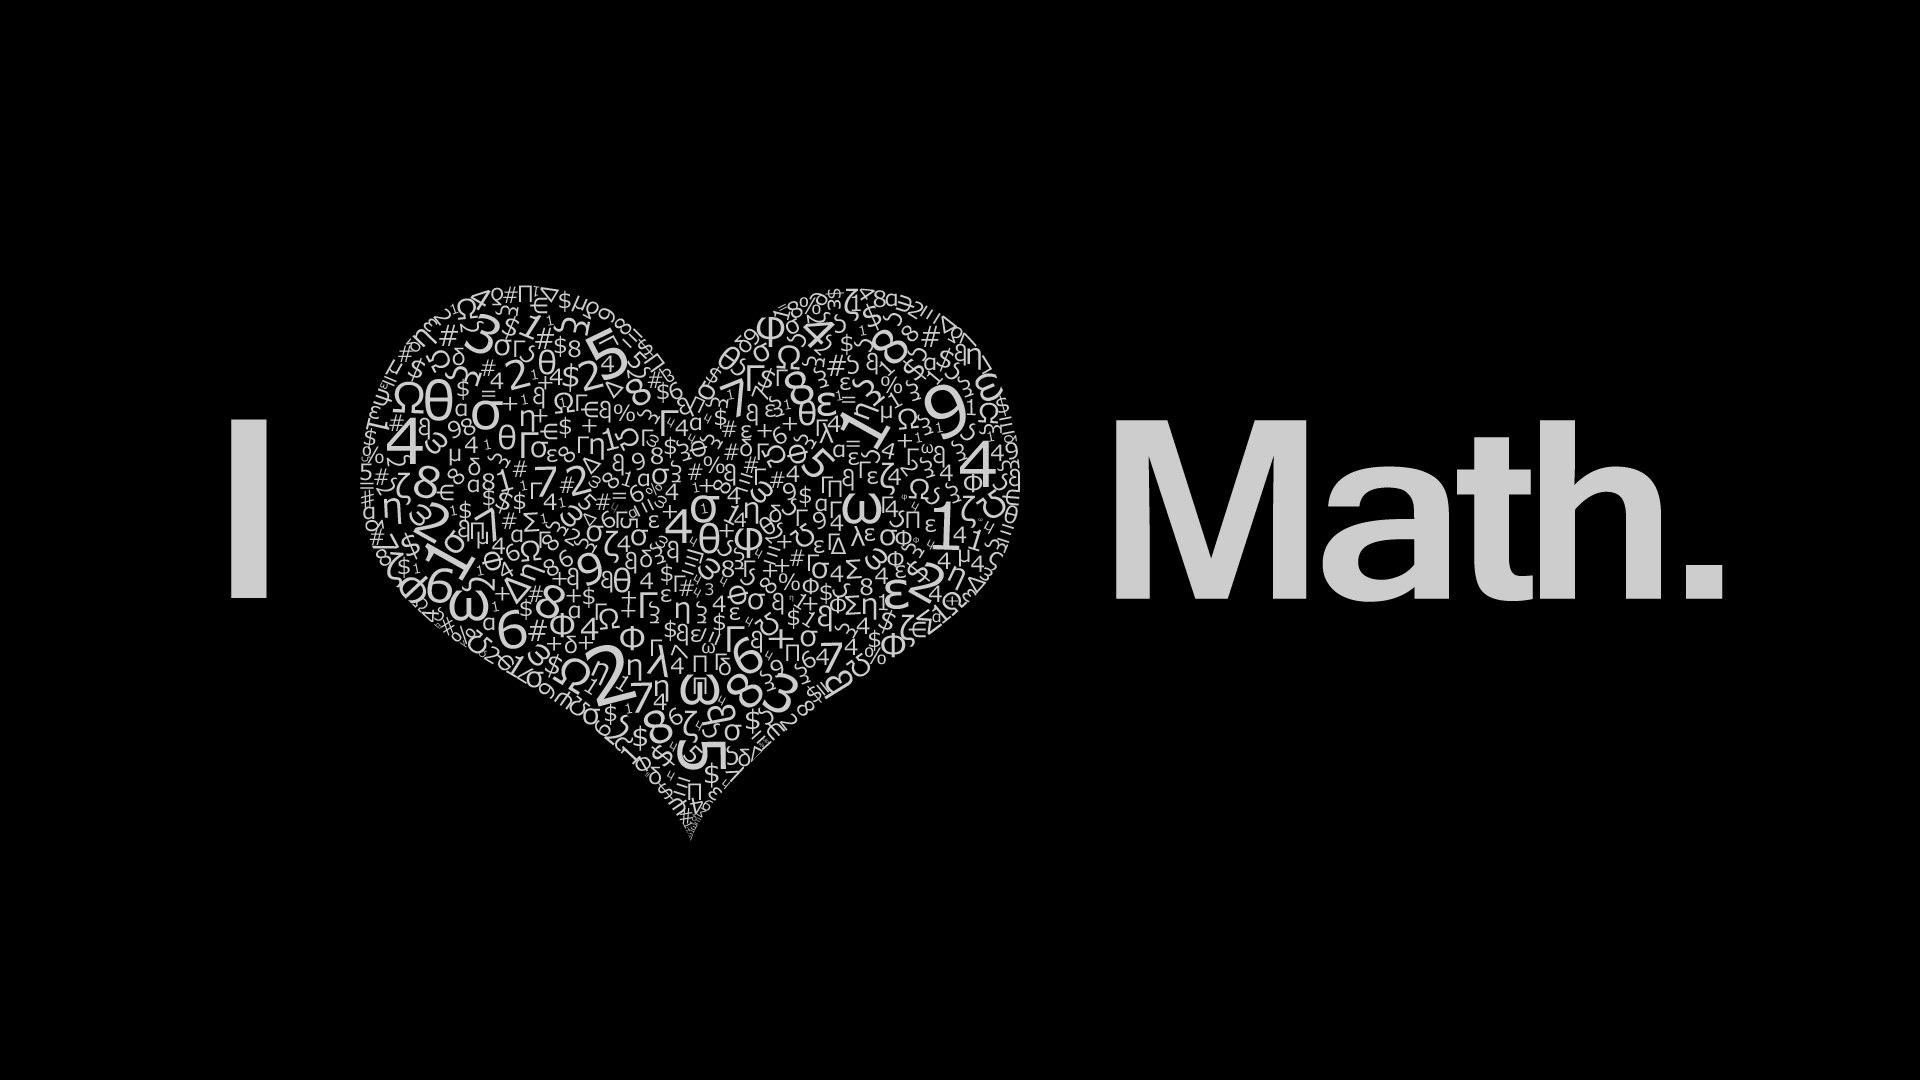 Top Wallpaper High Resolution Mathematics - math-desktop-wallpaper-49713-51392-hd-wallpapers  Collection_1285.jpg